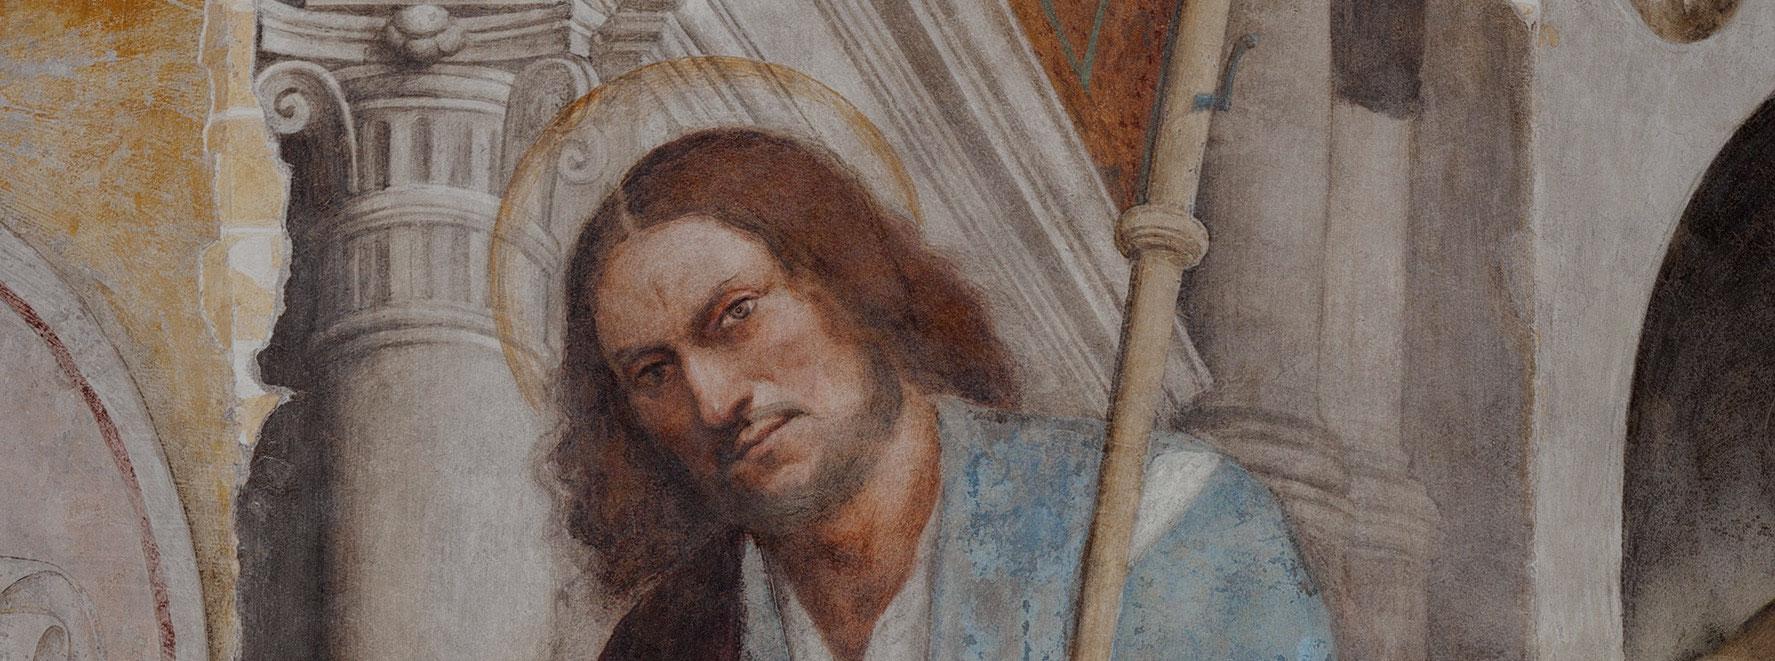 Il Rinascimento di Pordenone: mostra evento curata da Furlan e Sgarbi